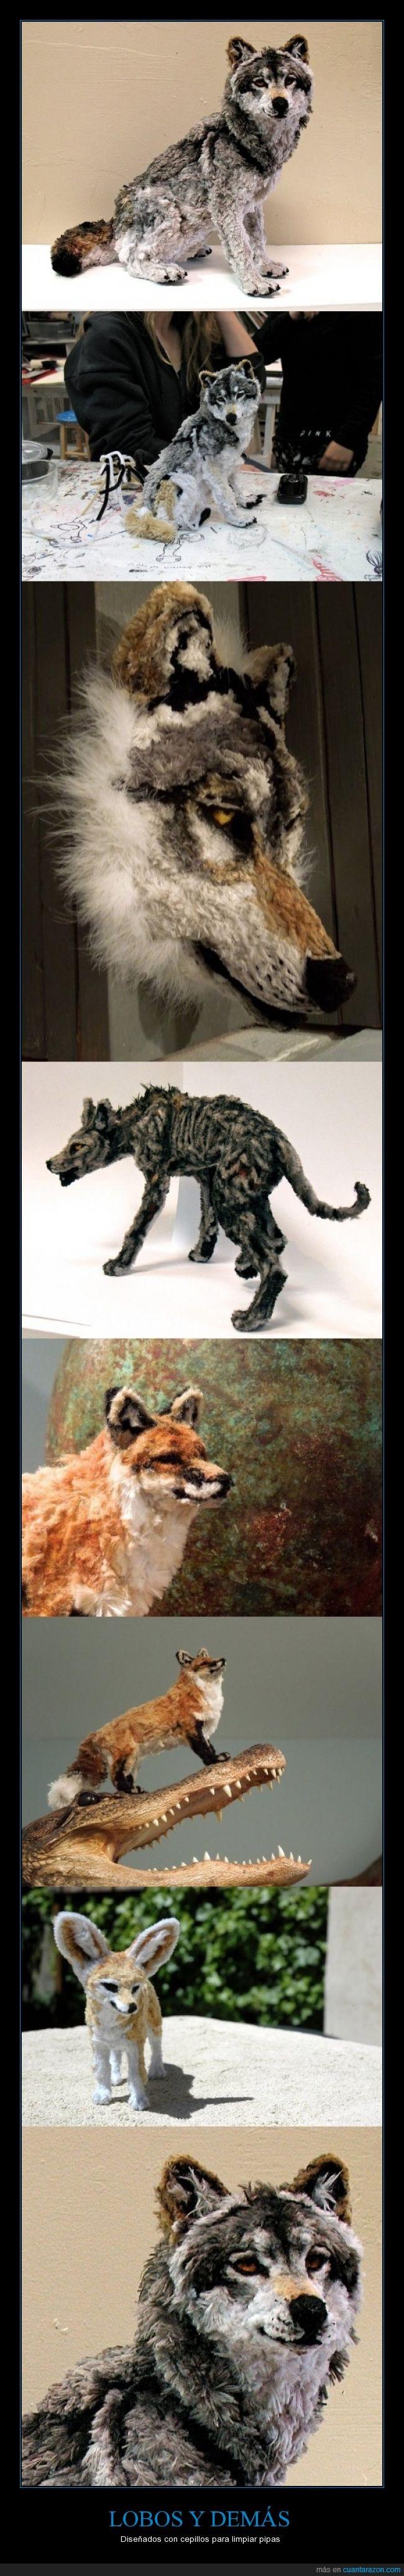 cepillos,fenic,grandioso,Lobo,perro,pipa,zorro